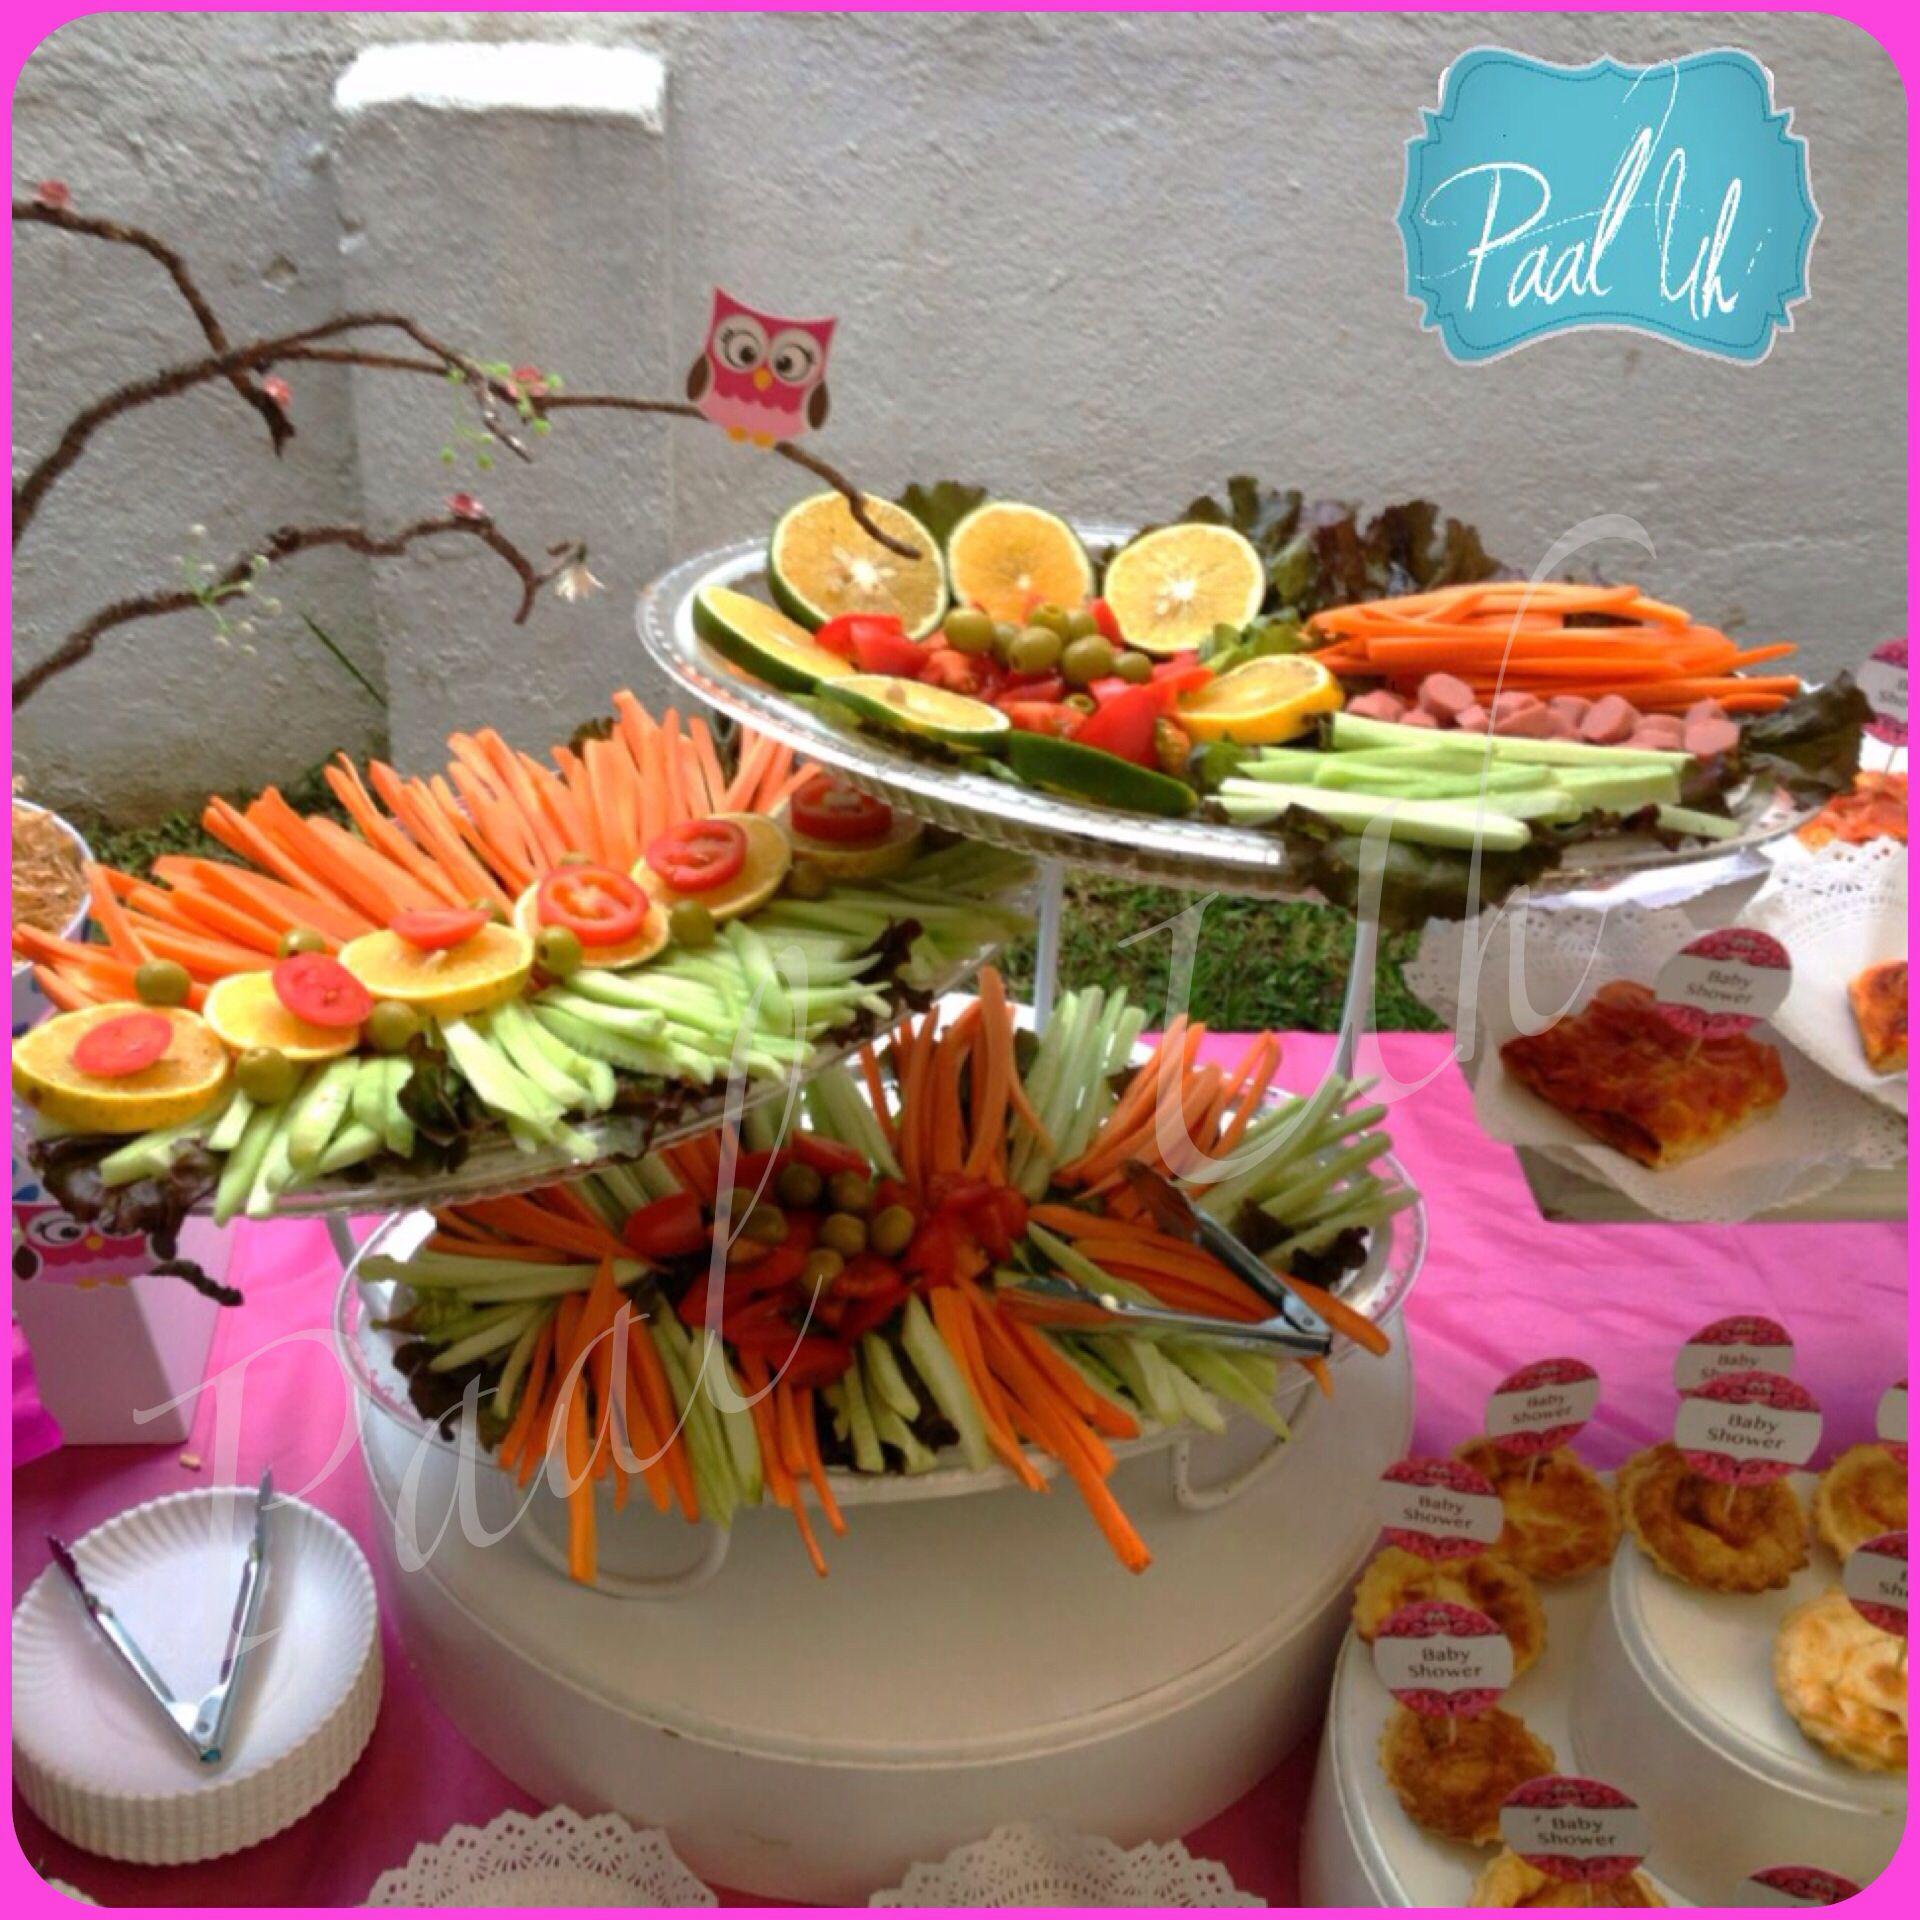 Paal Uh Mesas de Postres & Snack s Celebraciones con detalles